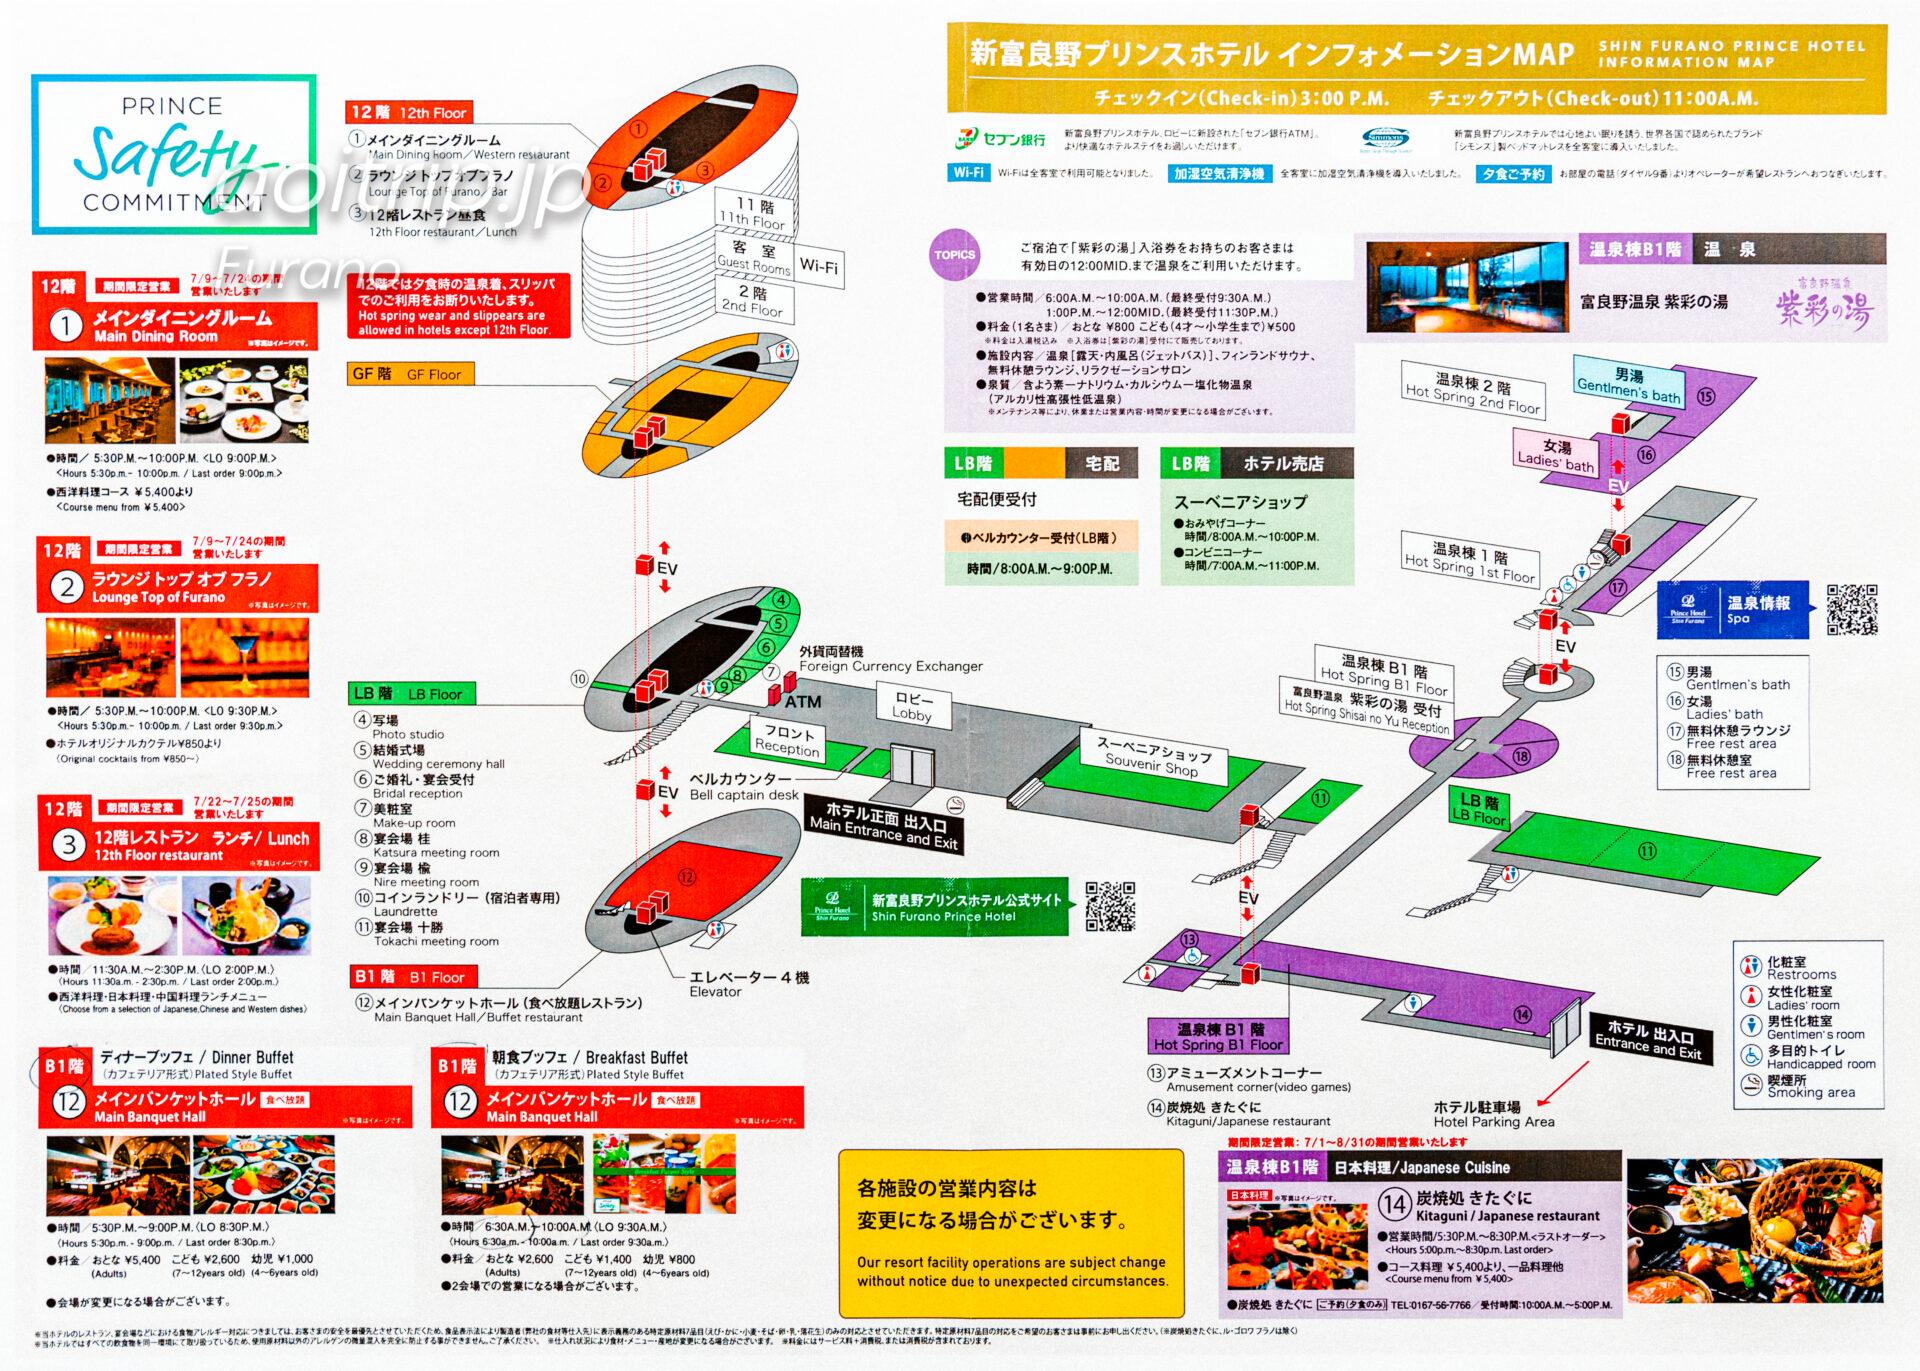 新富良野プリンスホテルの館内図(マップ)